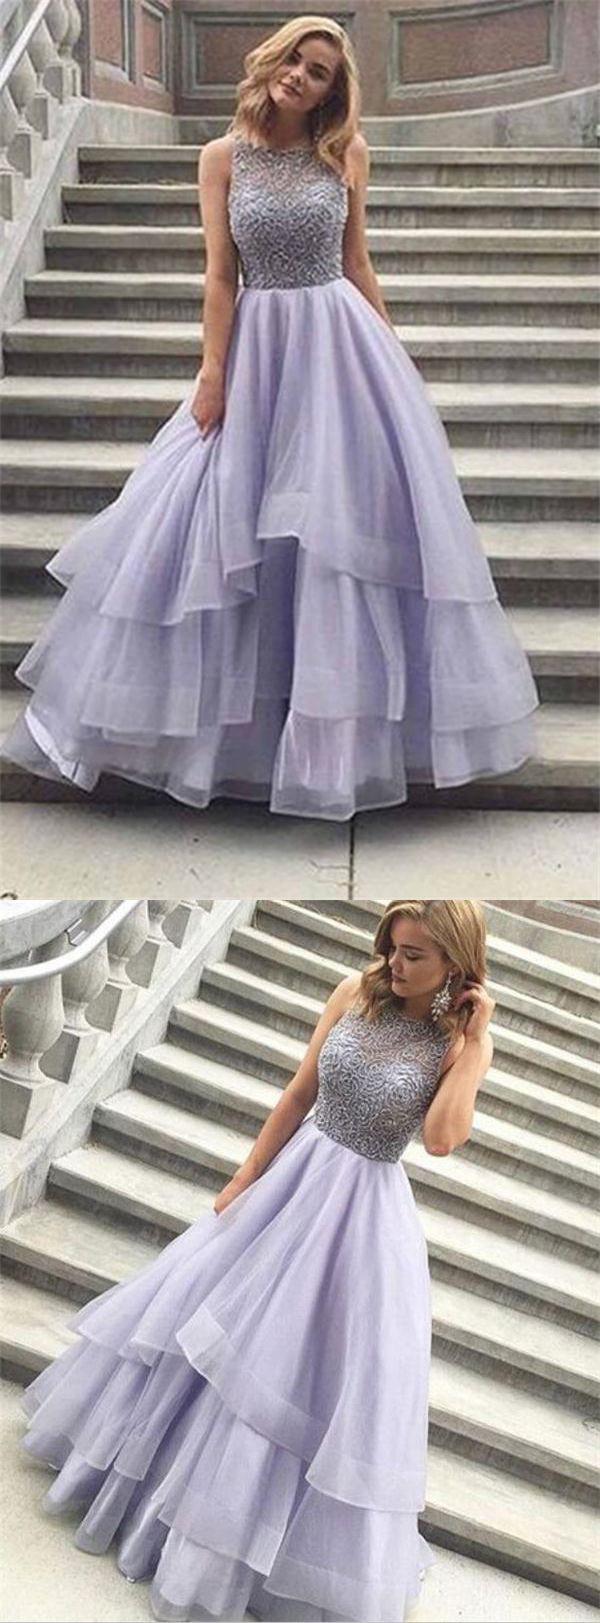 Ball gown prom dressesquinceanera dressesprincess dresseslong